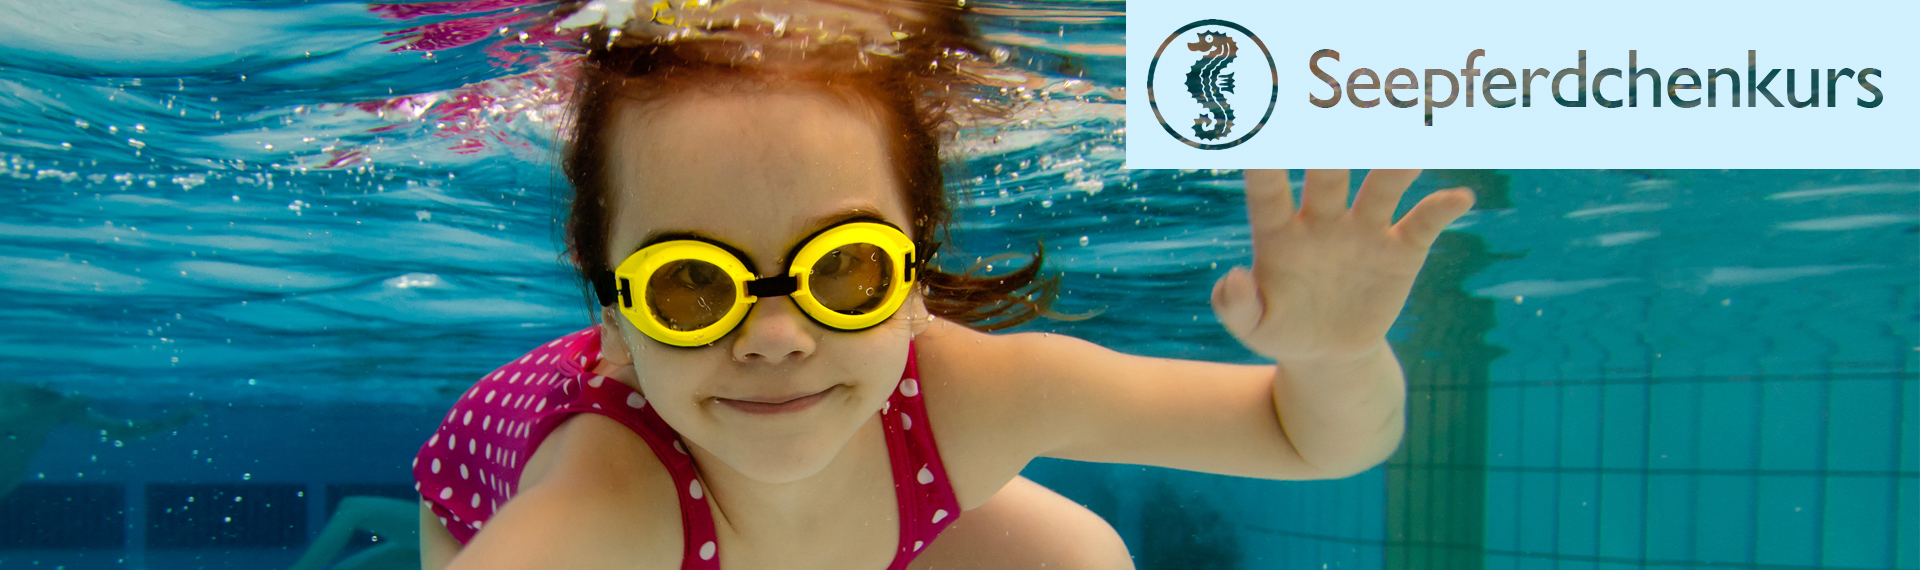 Seepferdchenkurs-Schwimmschule-Kokoro-Swimfit